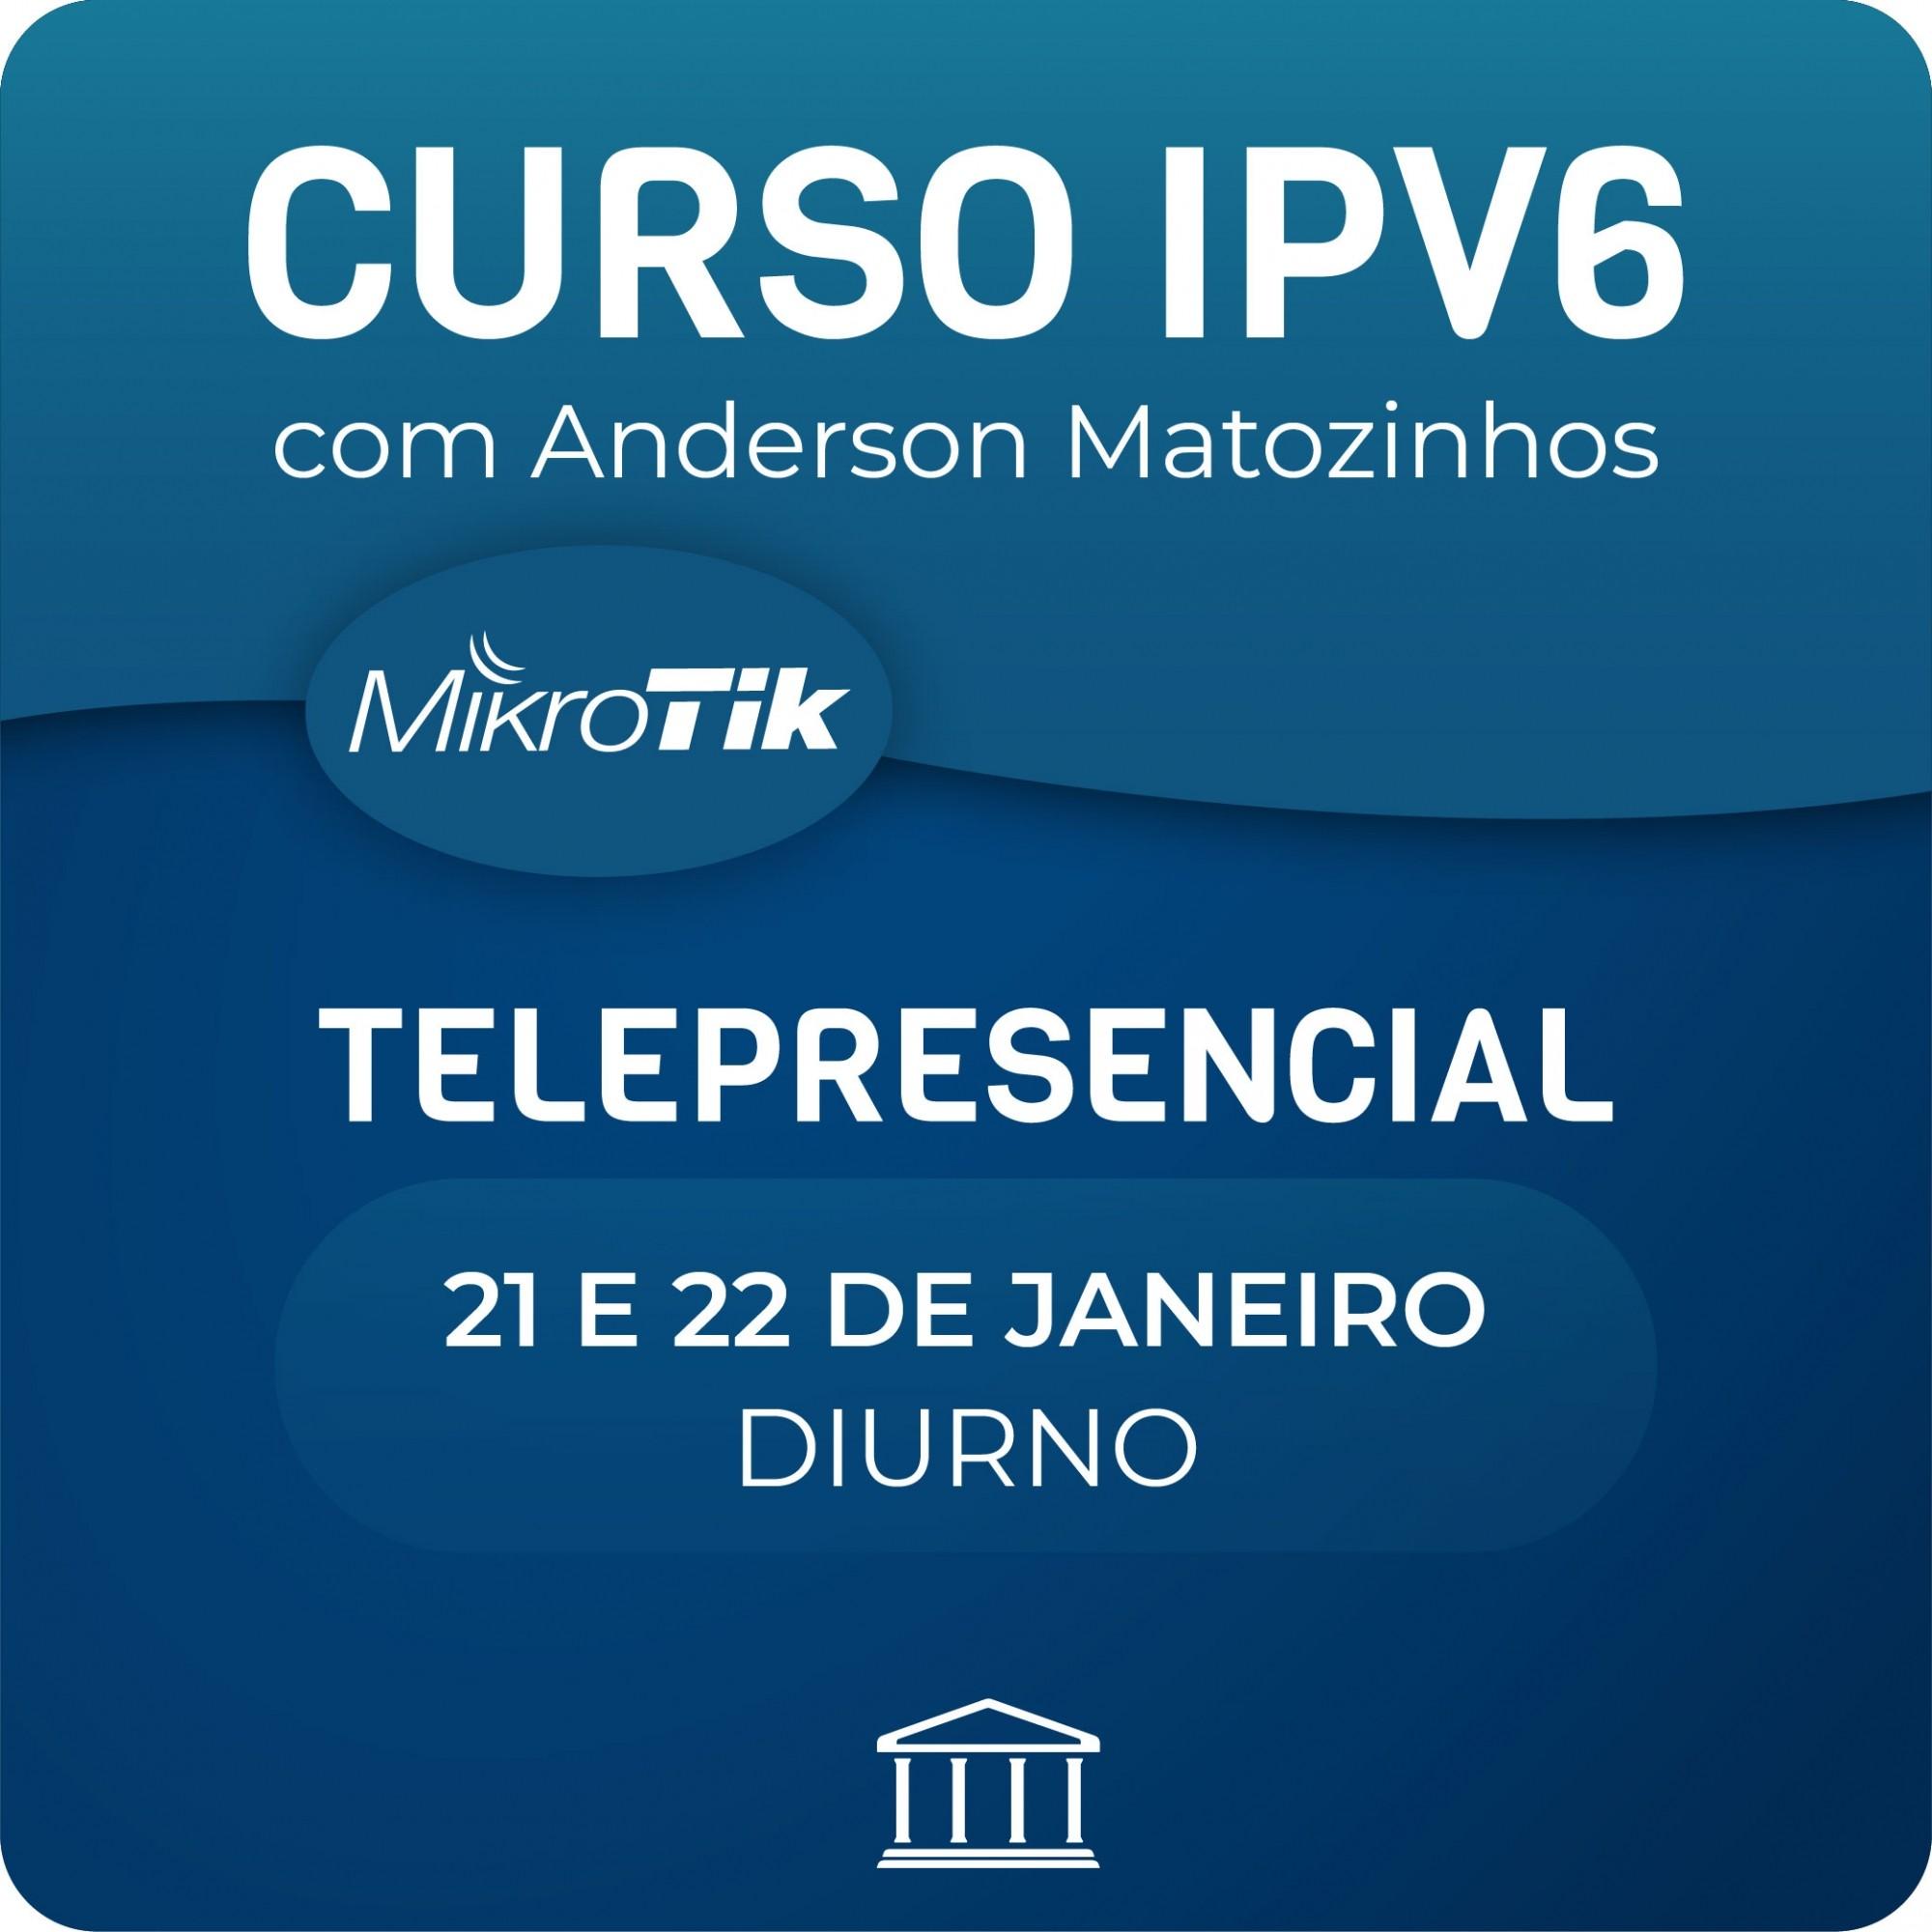 Curso e Certificação Oficial Mikrotik  - MTCIPV6E   - Voz e Dados